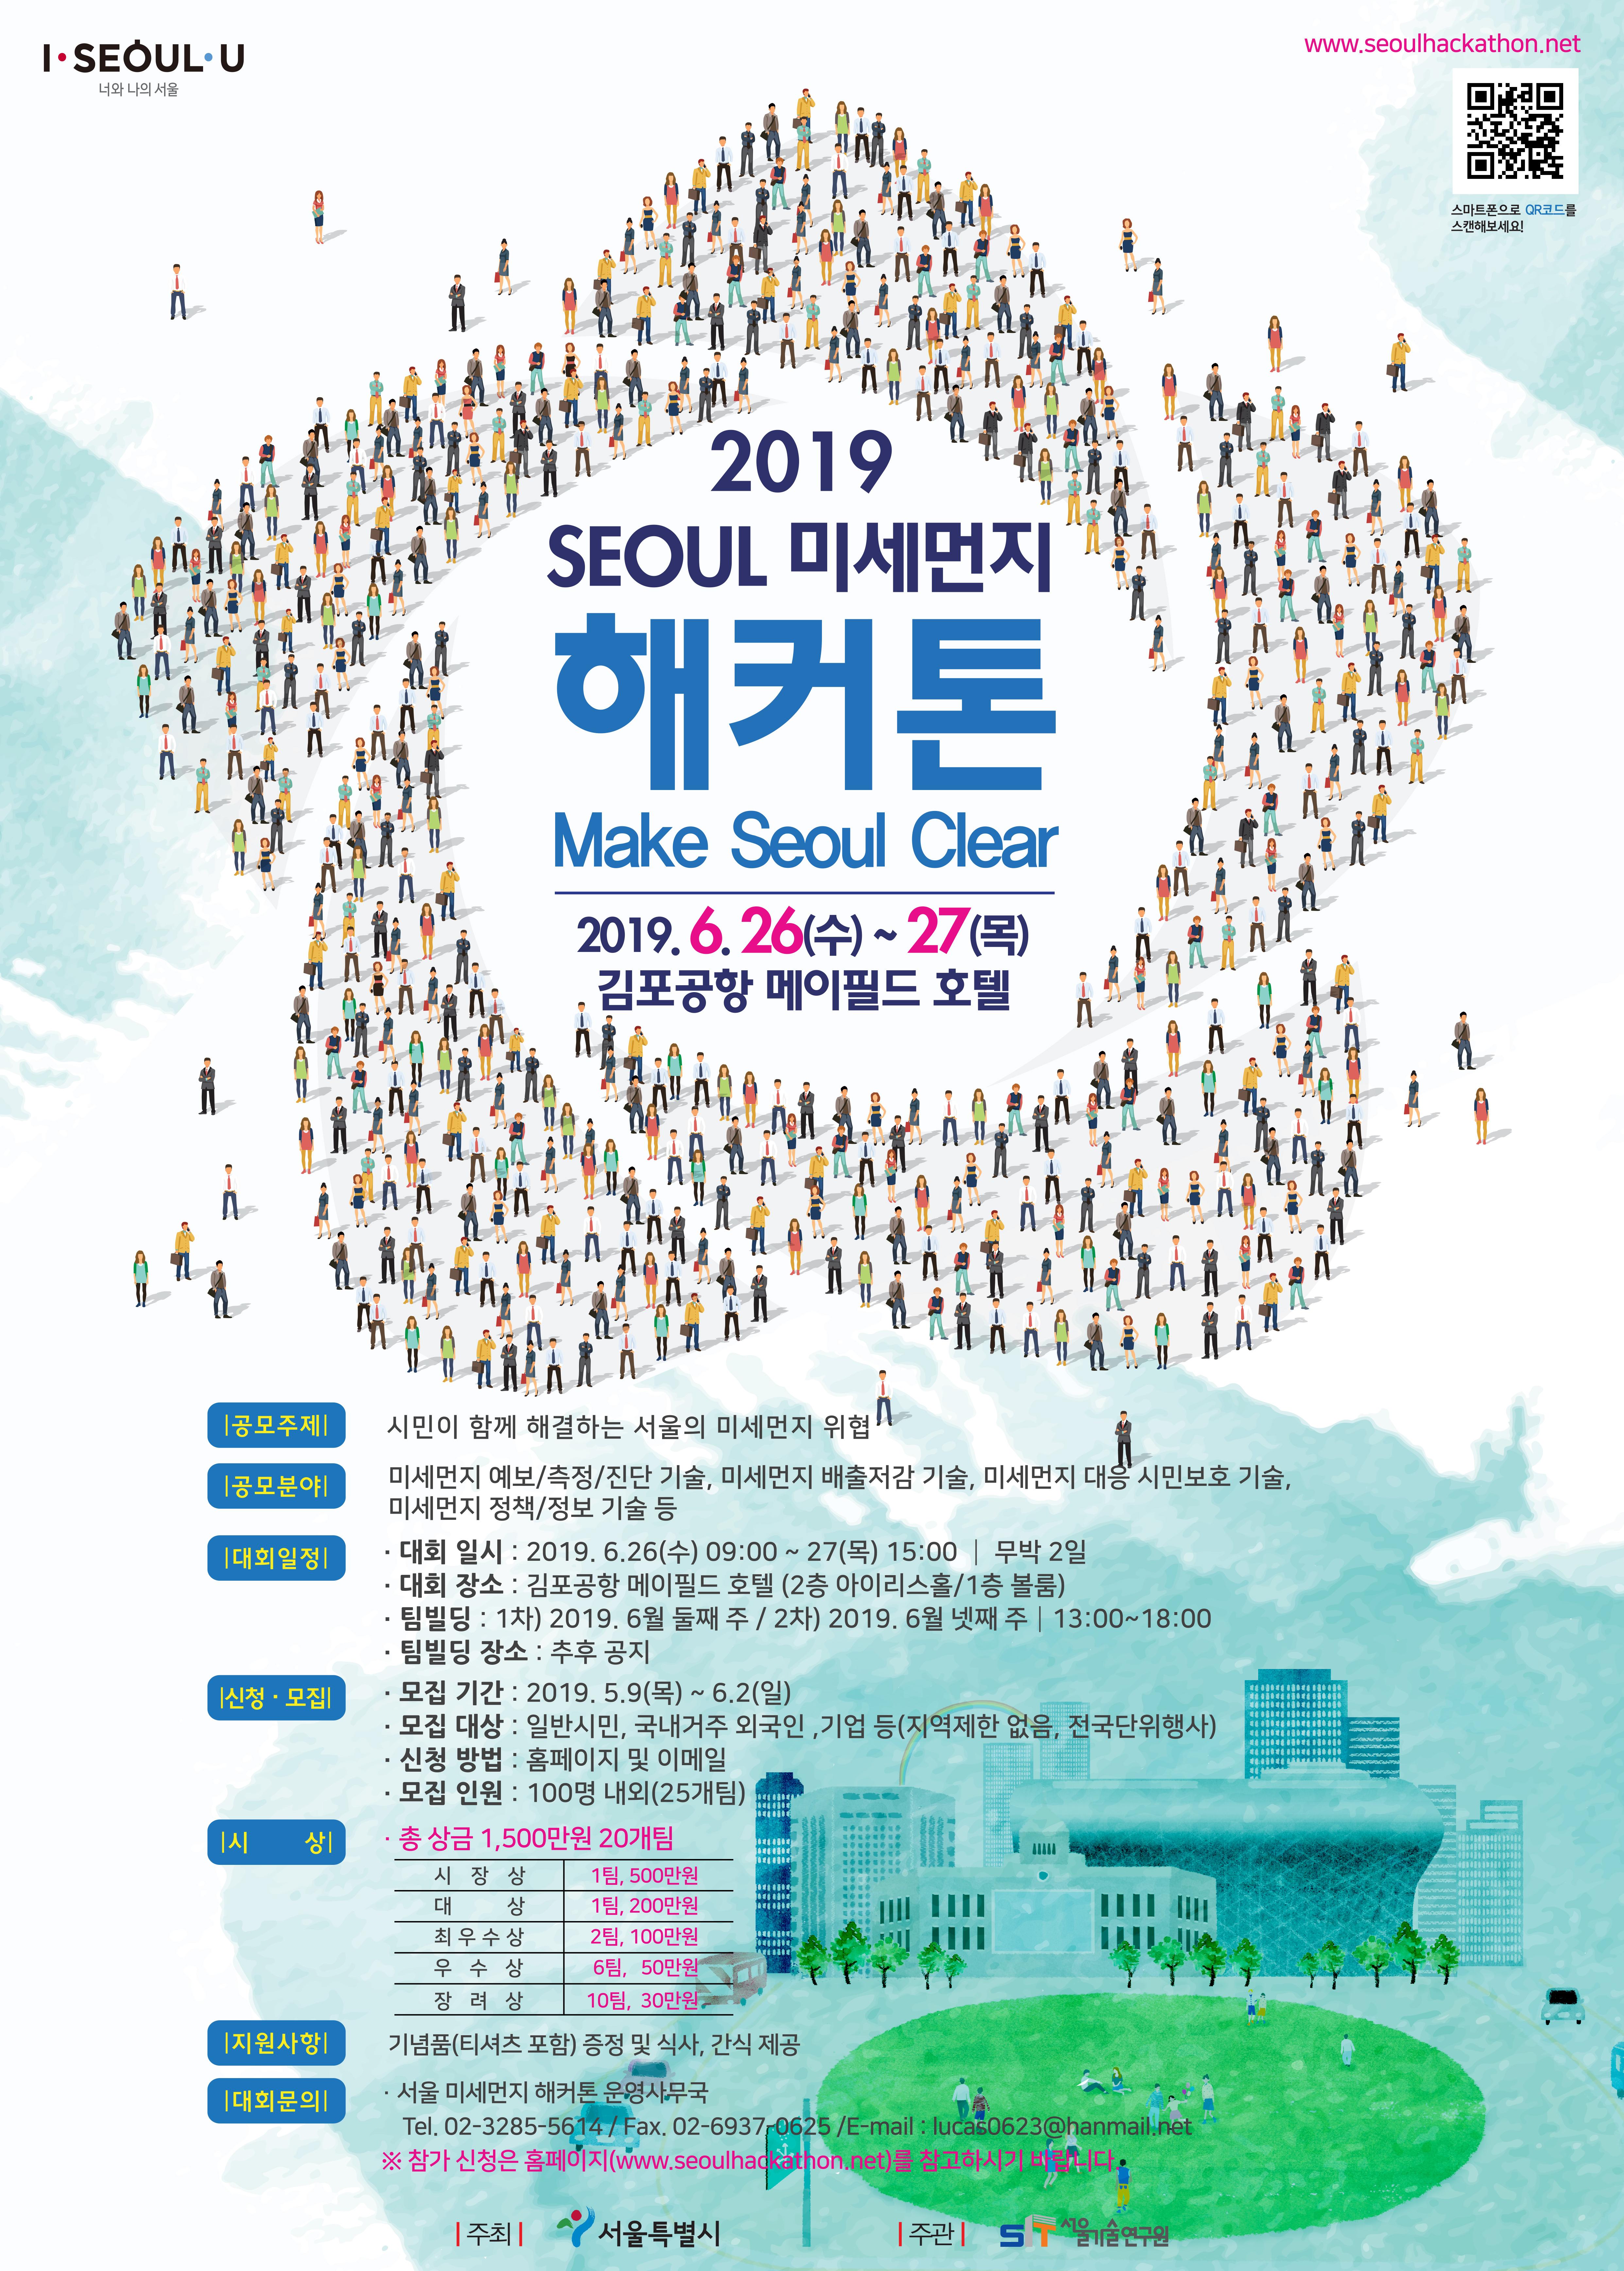 이미지 1:<font color=#008080>2019 SEOUL 미세먼지 해커톤 Make Seoul Clear 개최 안내